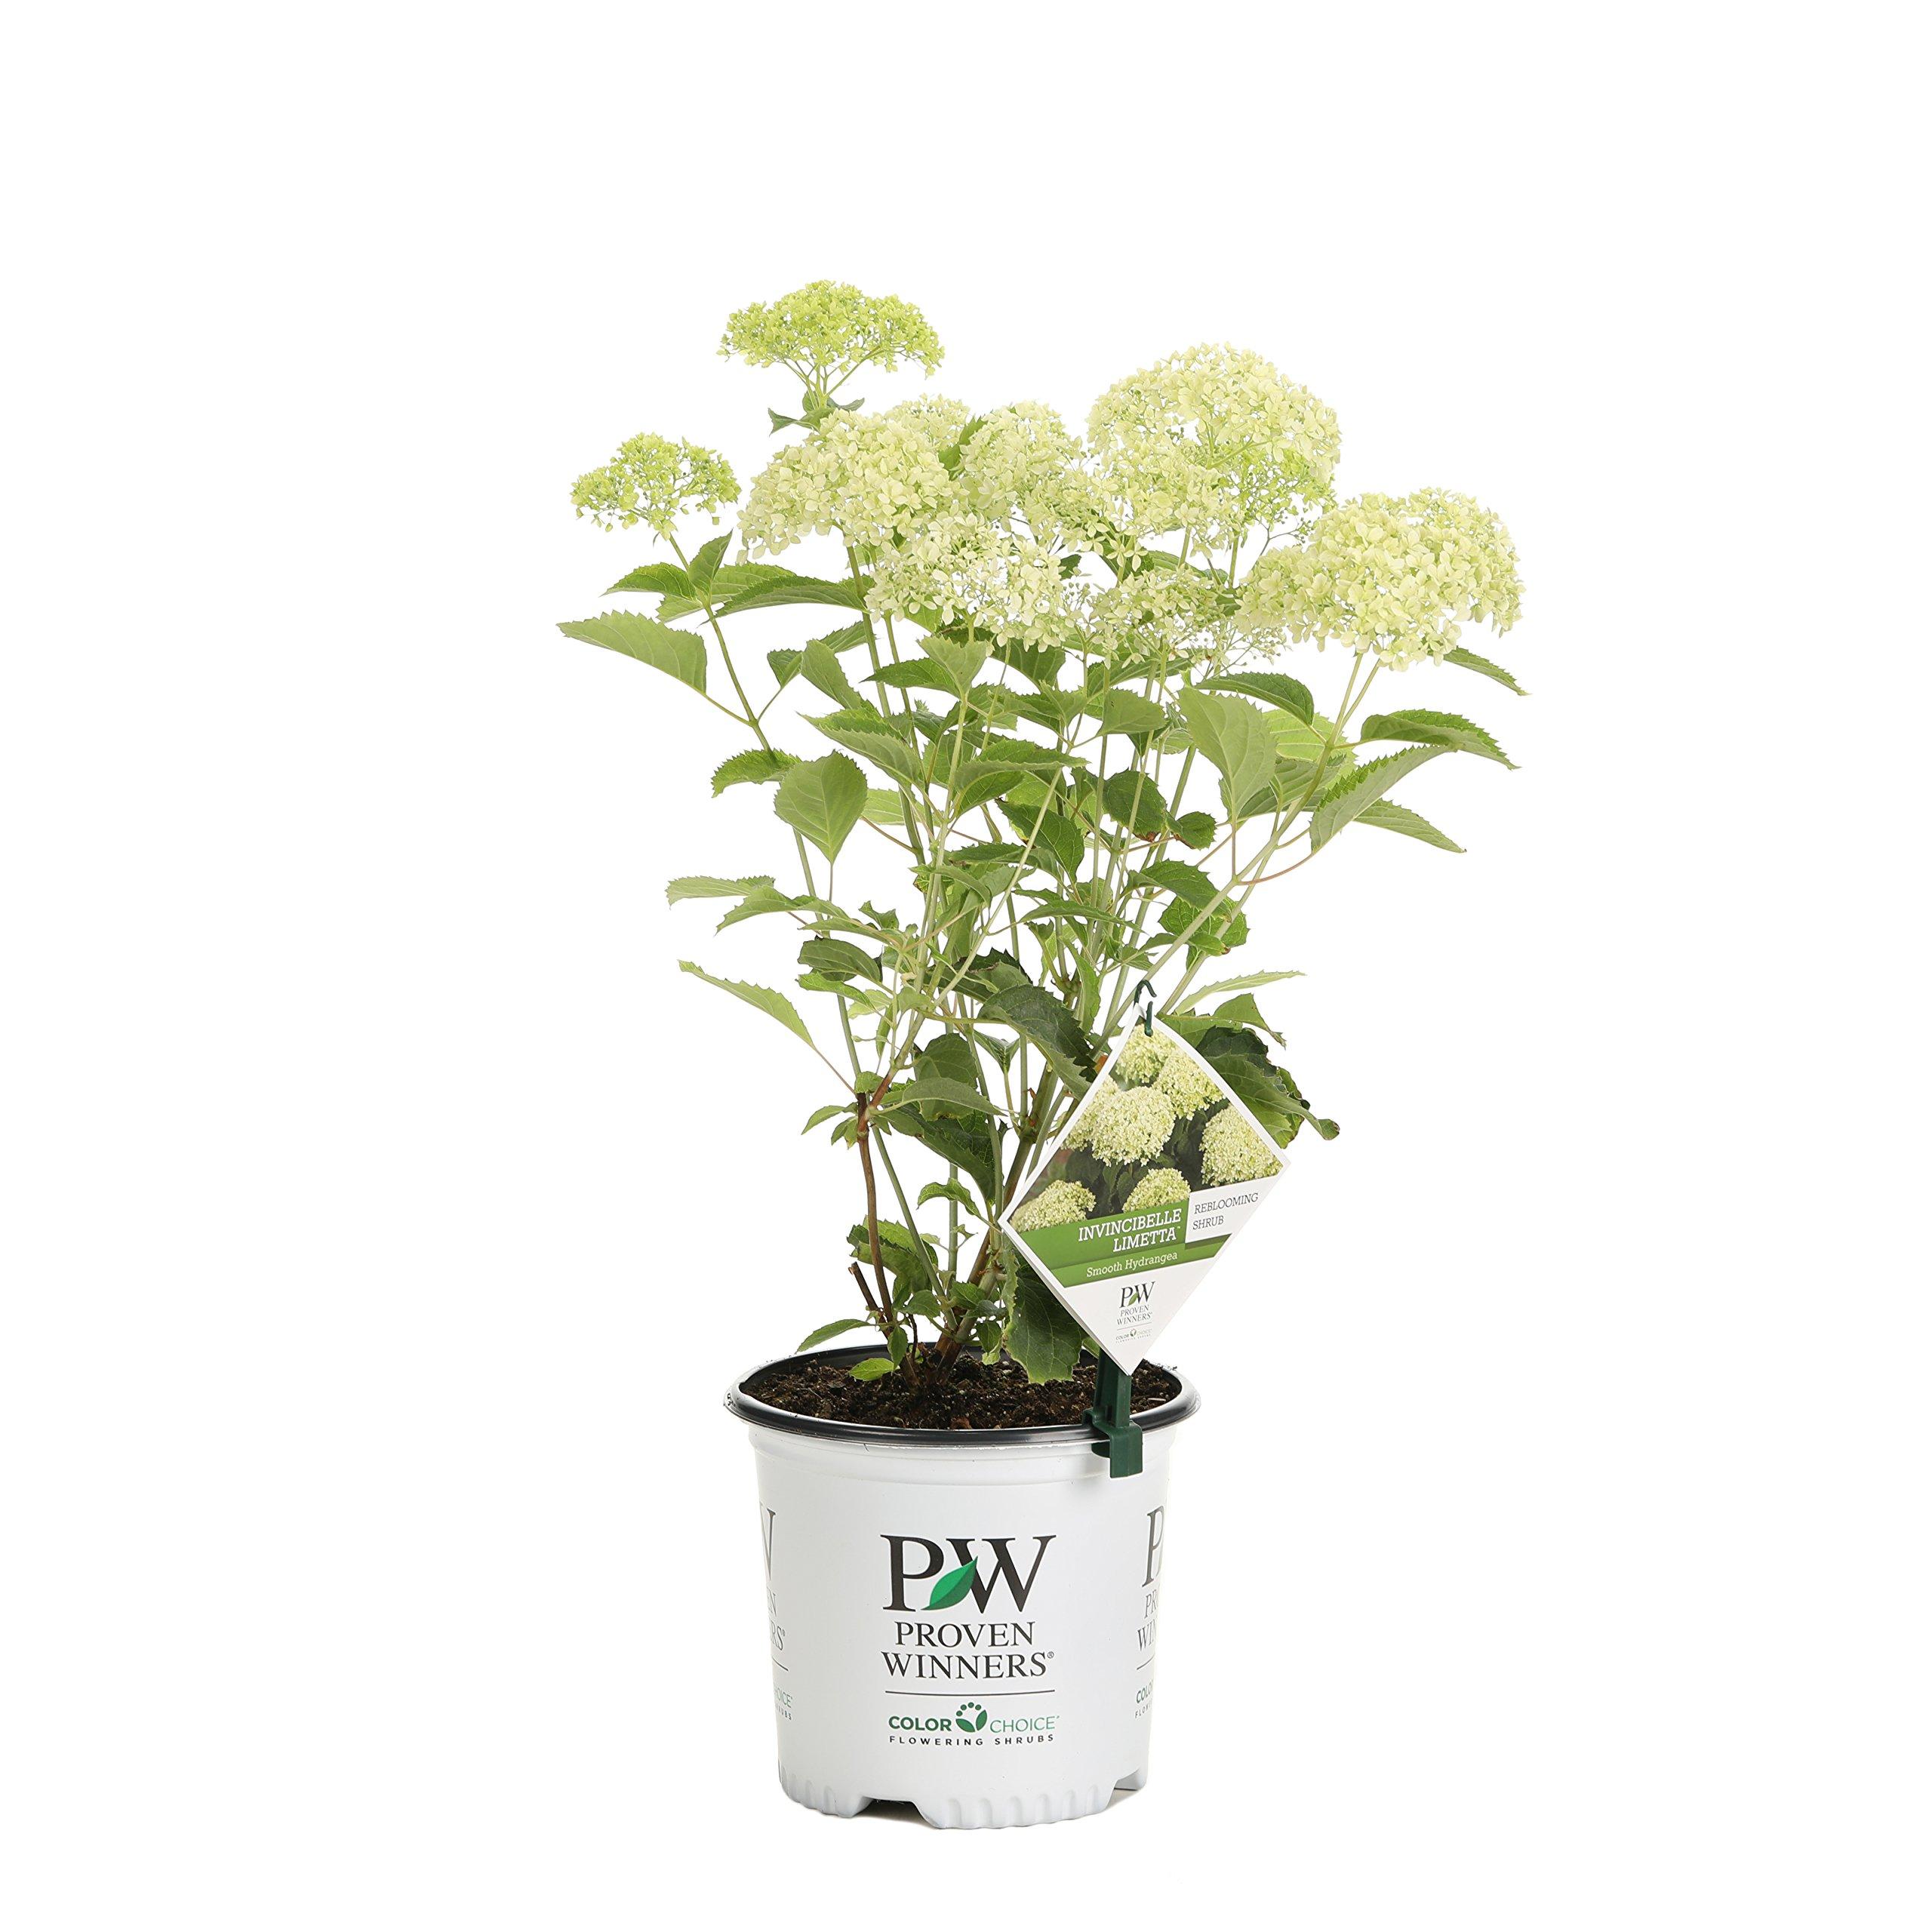 Invincibelle Limetta Smooth Hydrangea, Live Shrub, Green-White Flowers, 1 Gallon